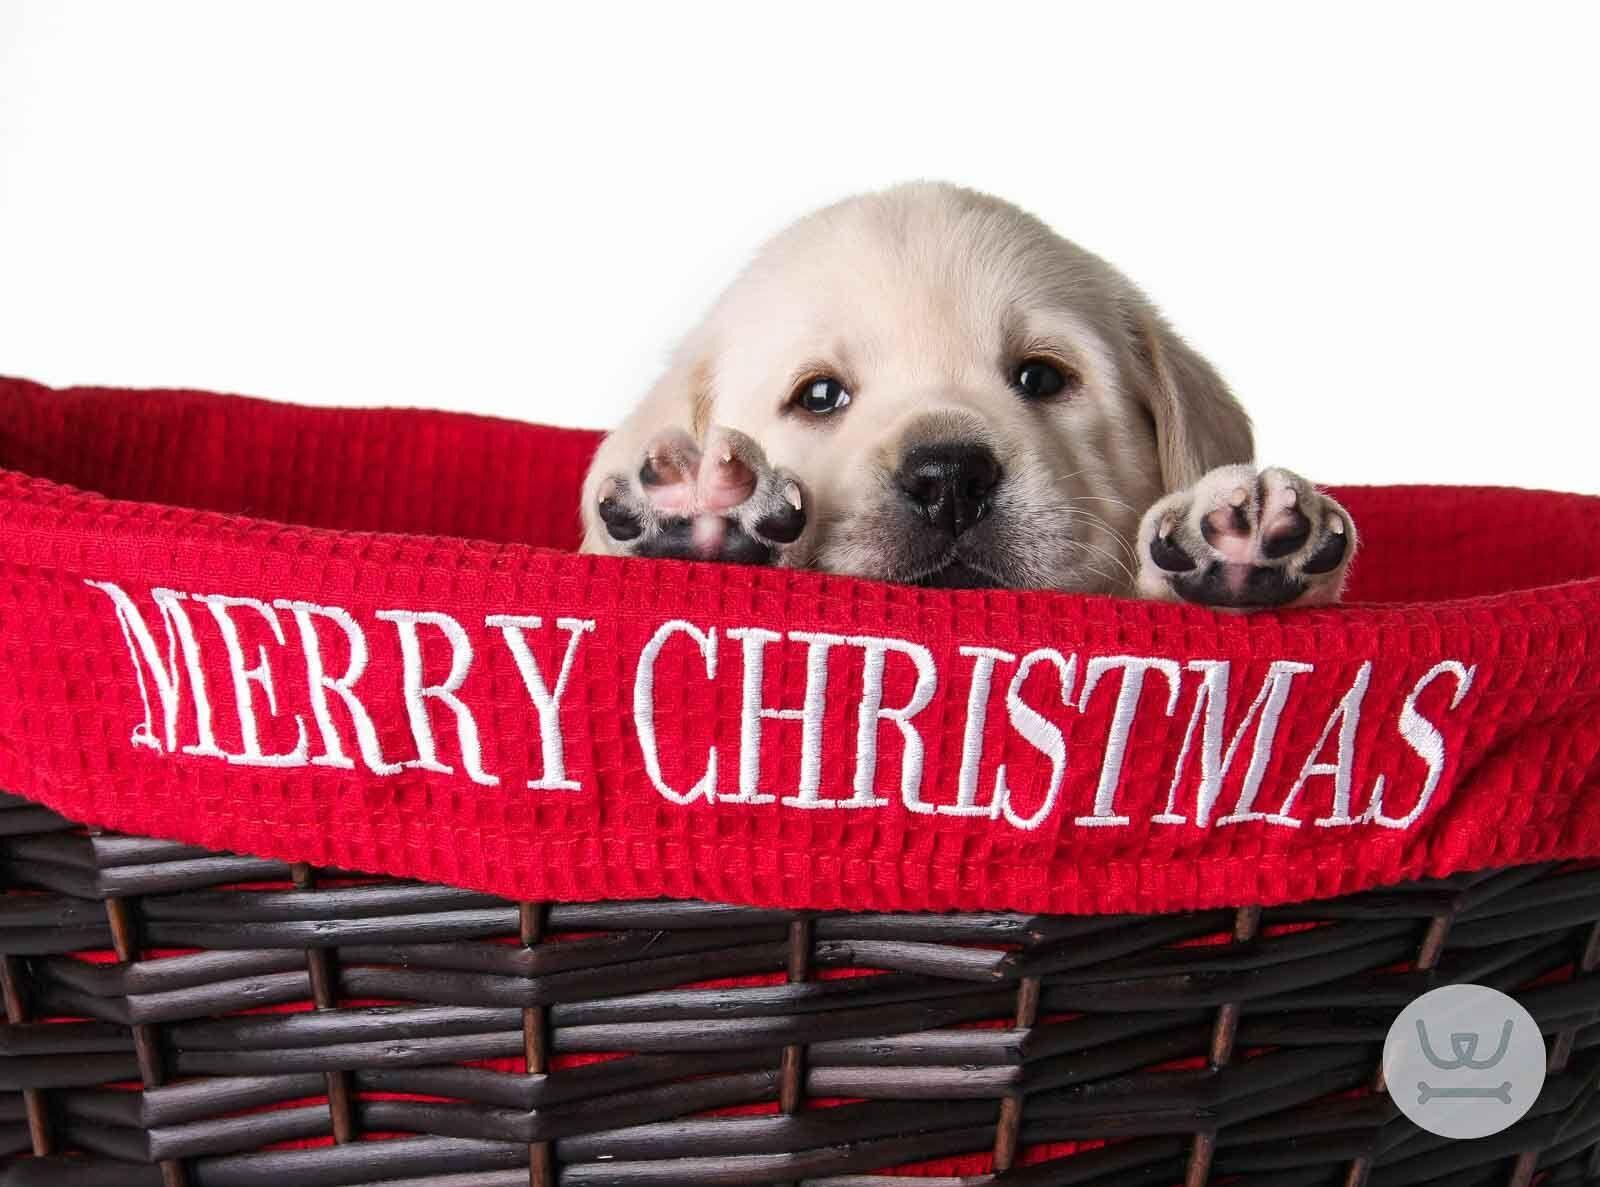 woofland - ένα κουταβάκι για τα Χριστούγεννα